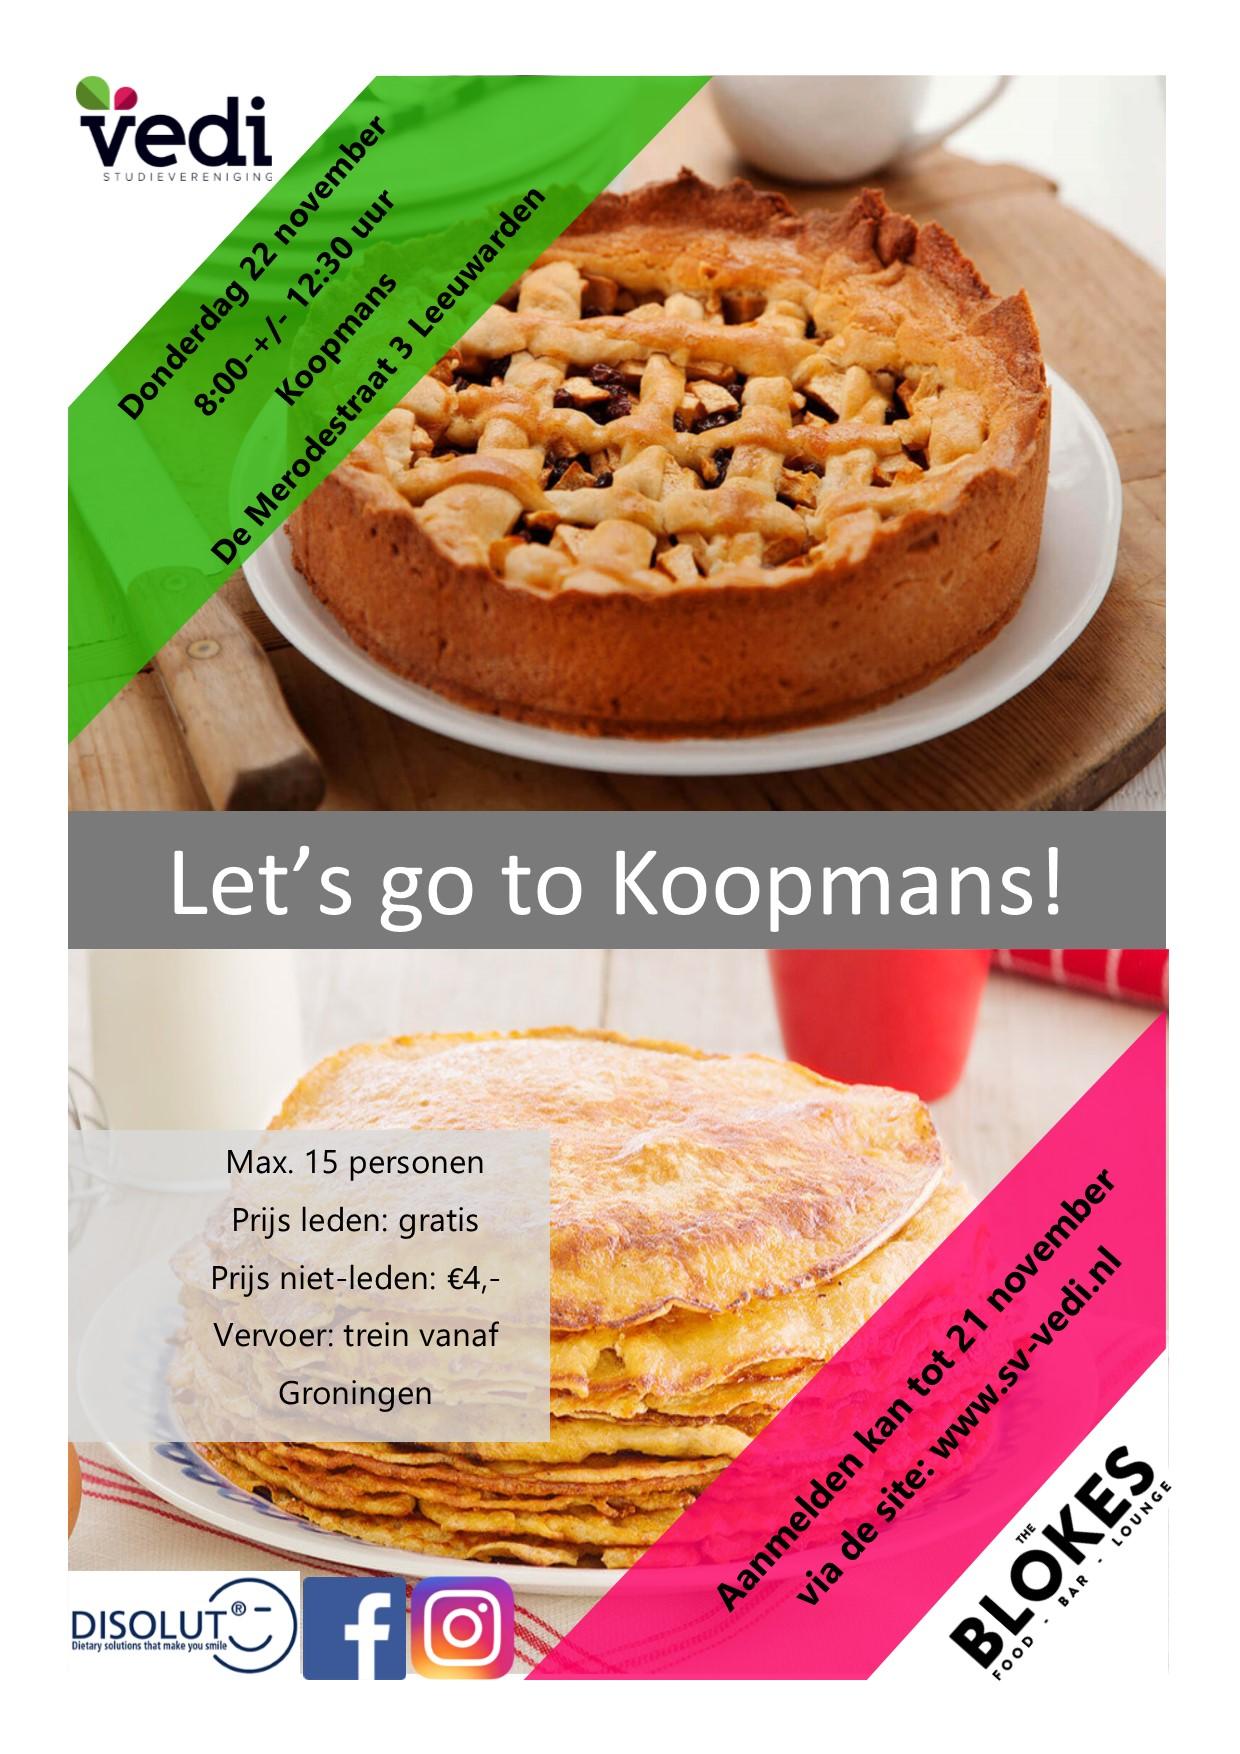 Bedrijfsbezoek Koopmans